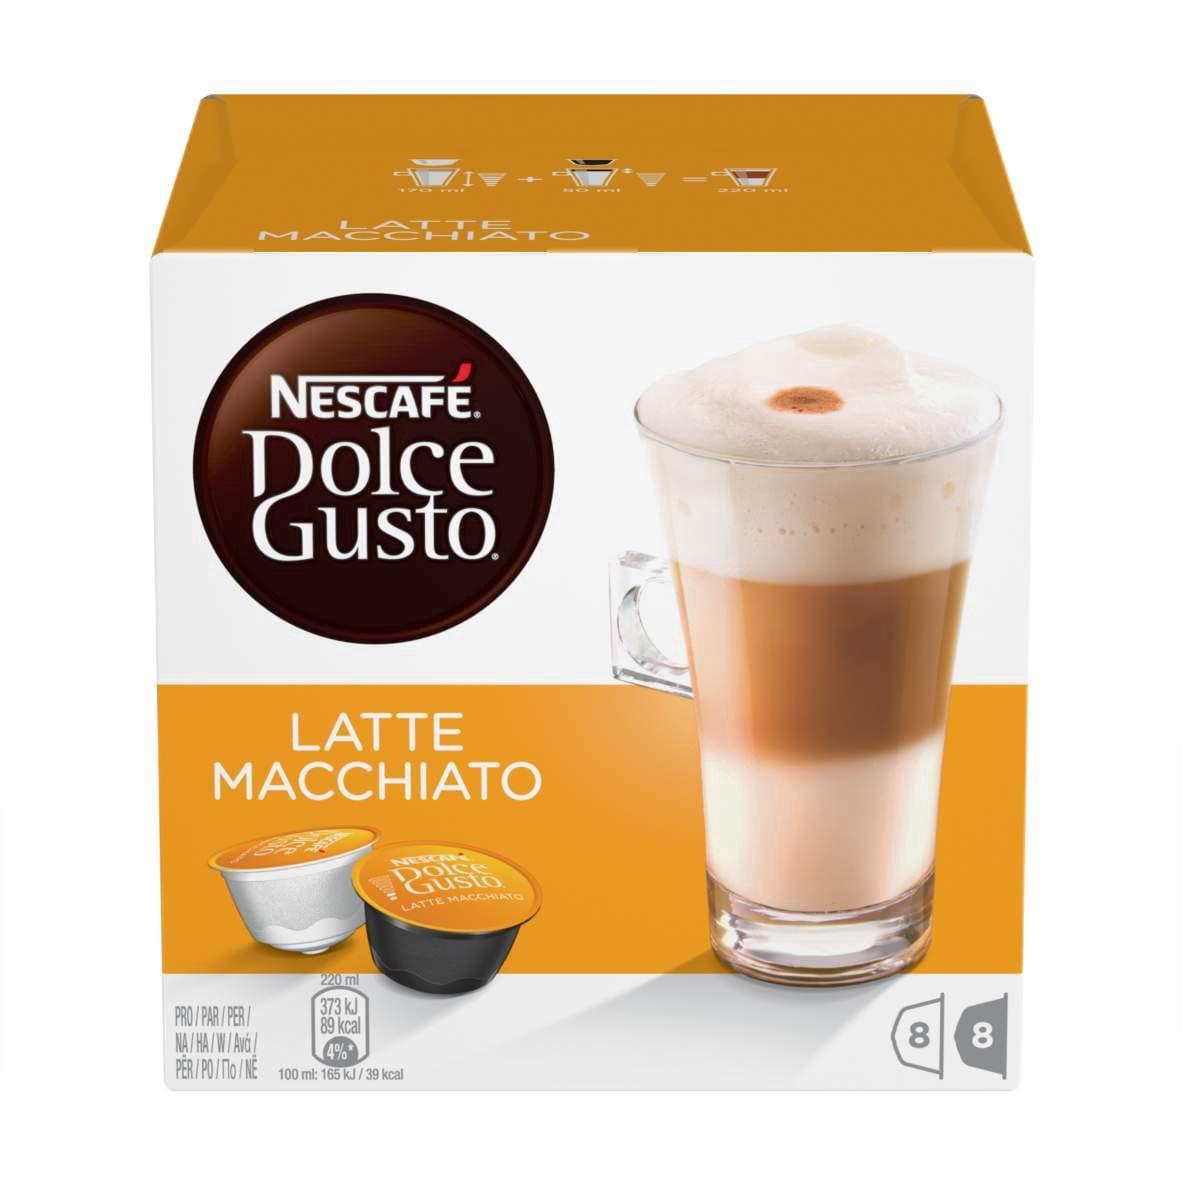 8983ef78d4a Nescafe Dolce Gusto Latte Macchiato 16 Capsules - Krauta.ee